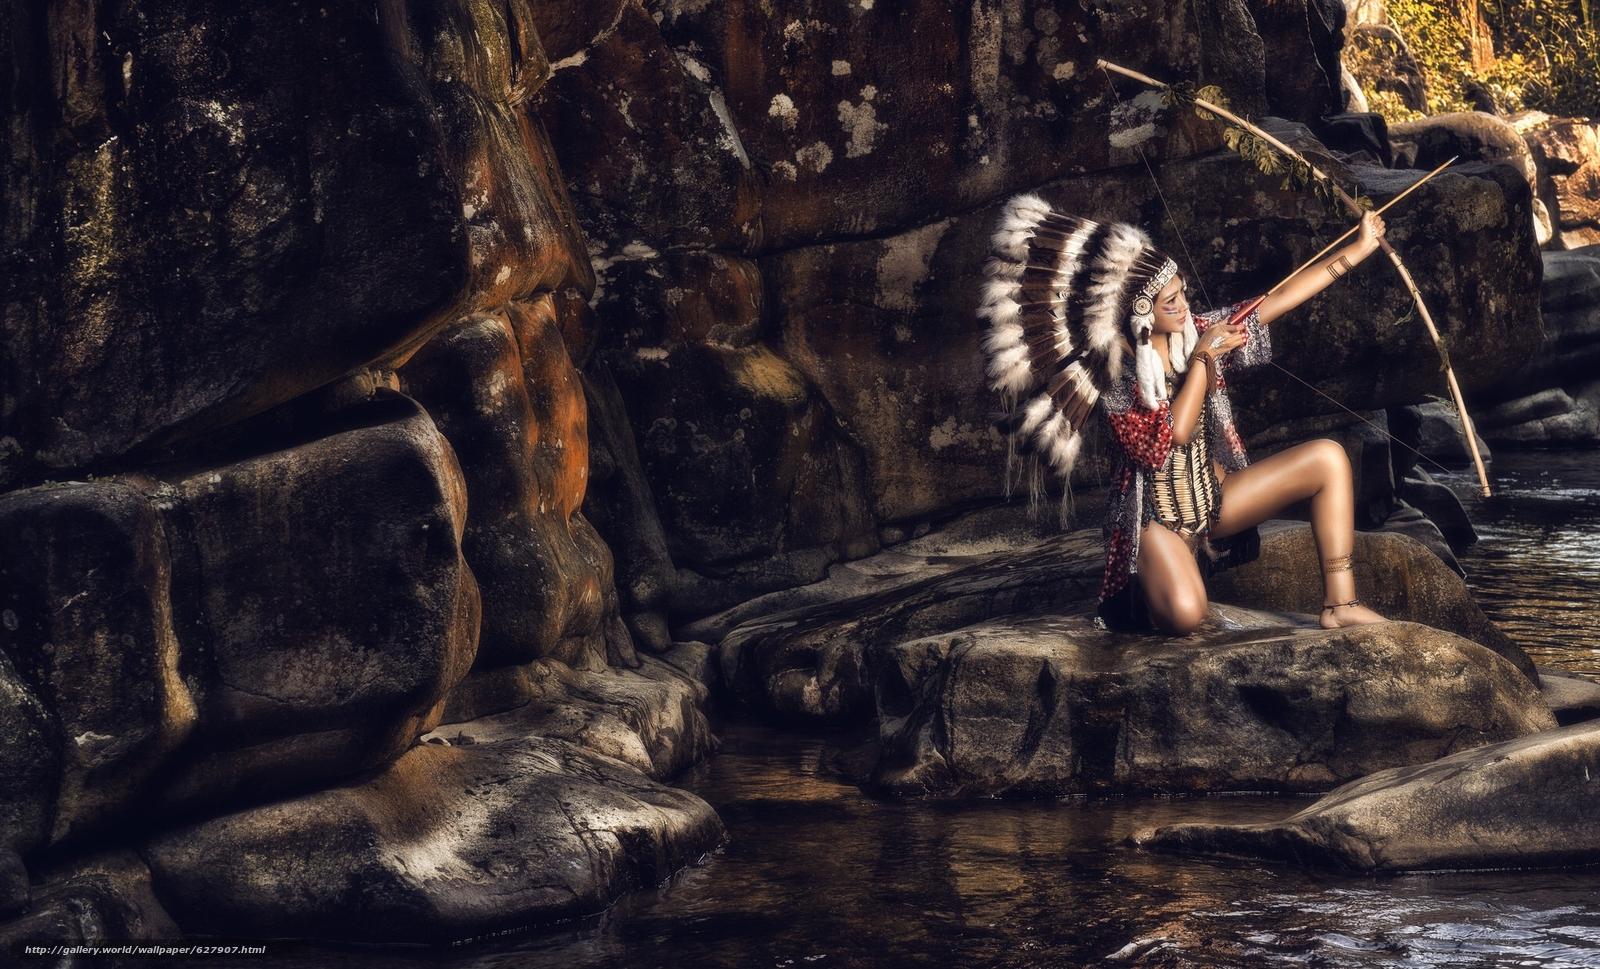 индианка, скво, лук, роуч, перья, камни